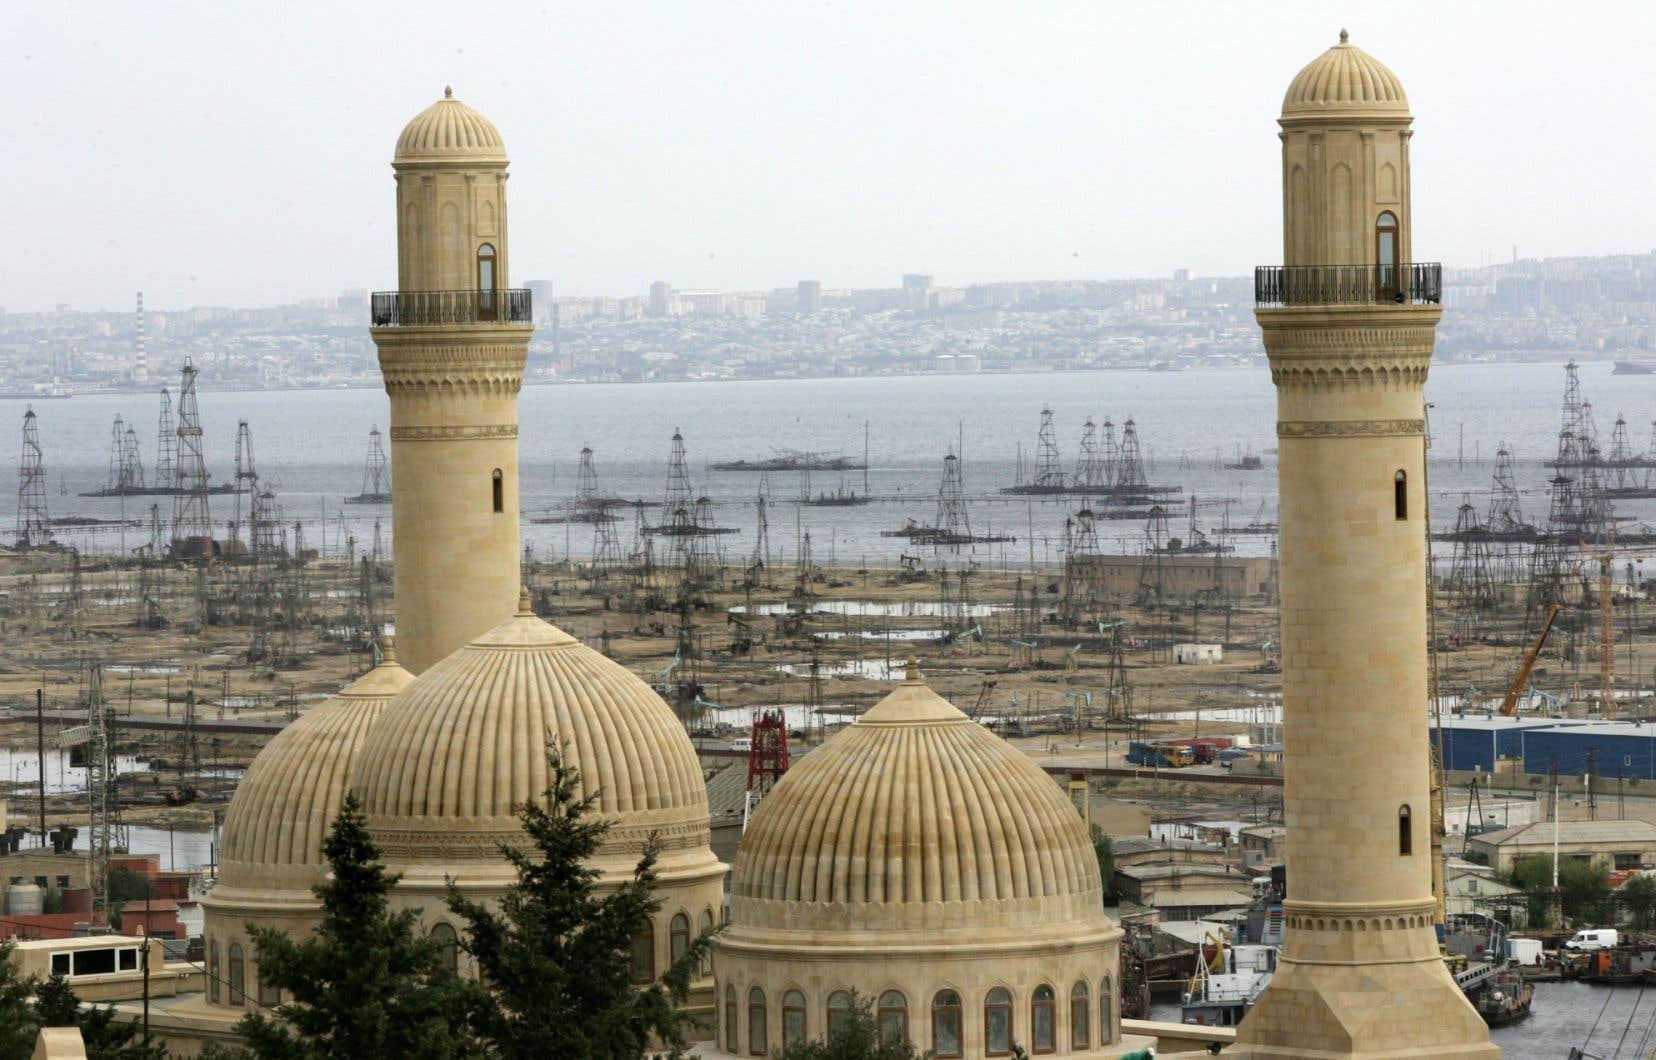 La mosquée Bibi-Heybat est une mosquée chiite, située à côté de la baie de Bakou, en Azerbaïdjan.